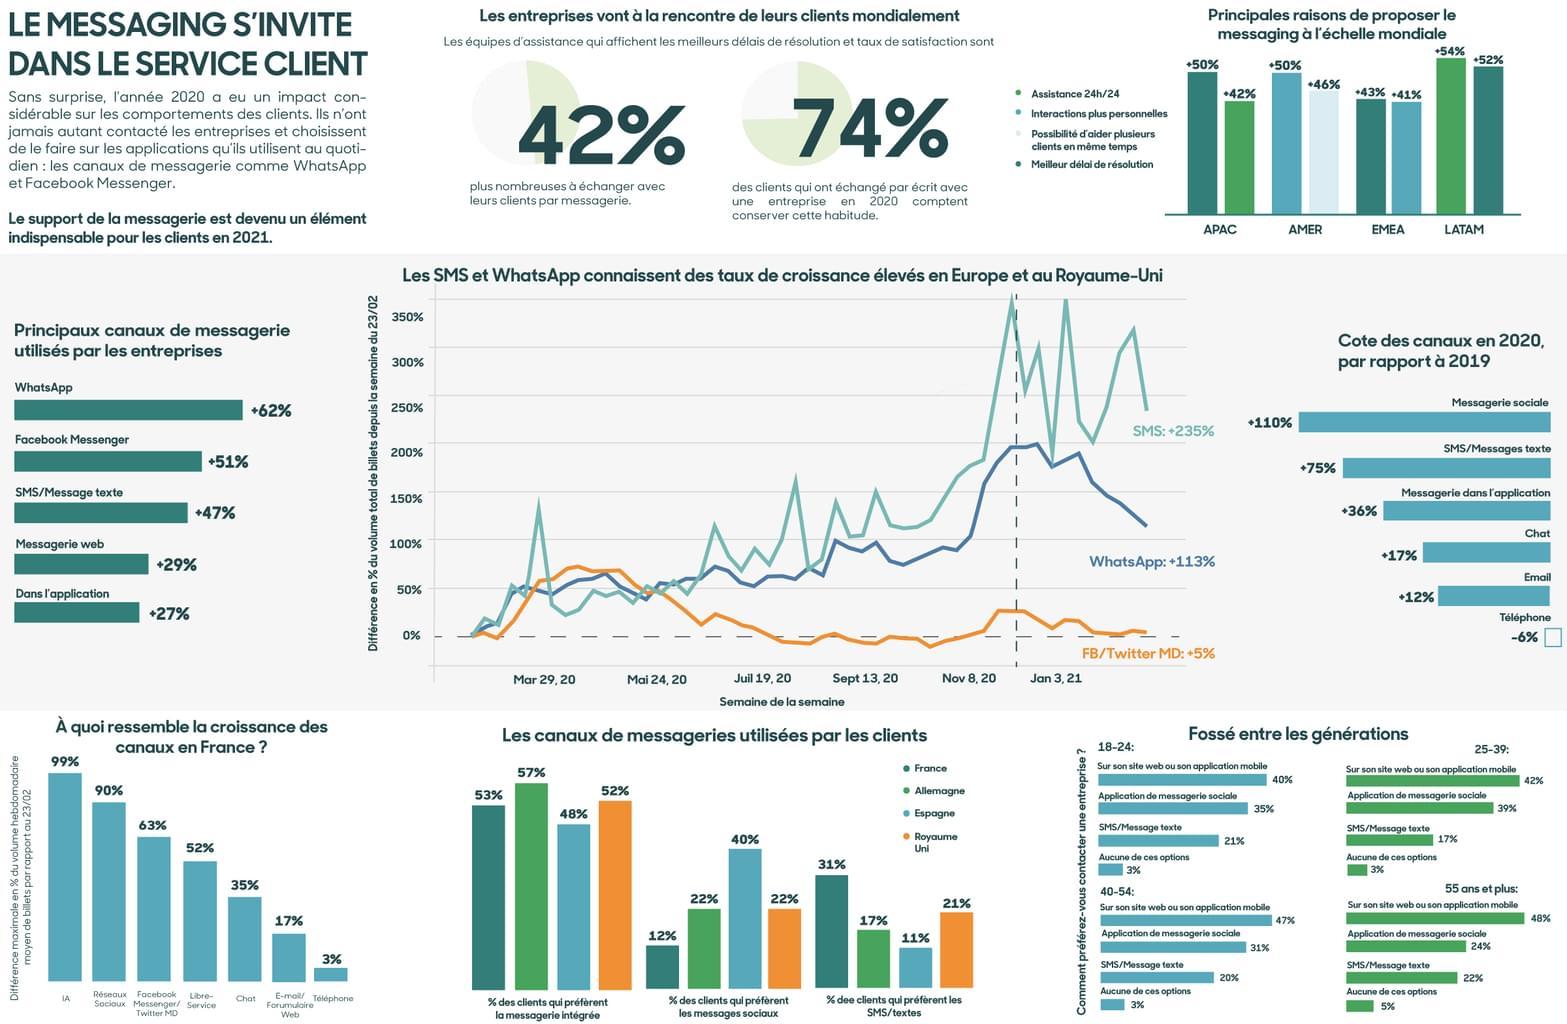 Infographie: Le messaging s'invite dans le service client